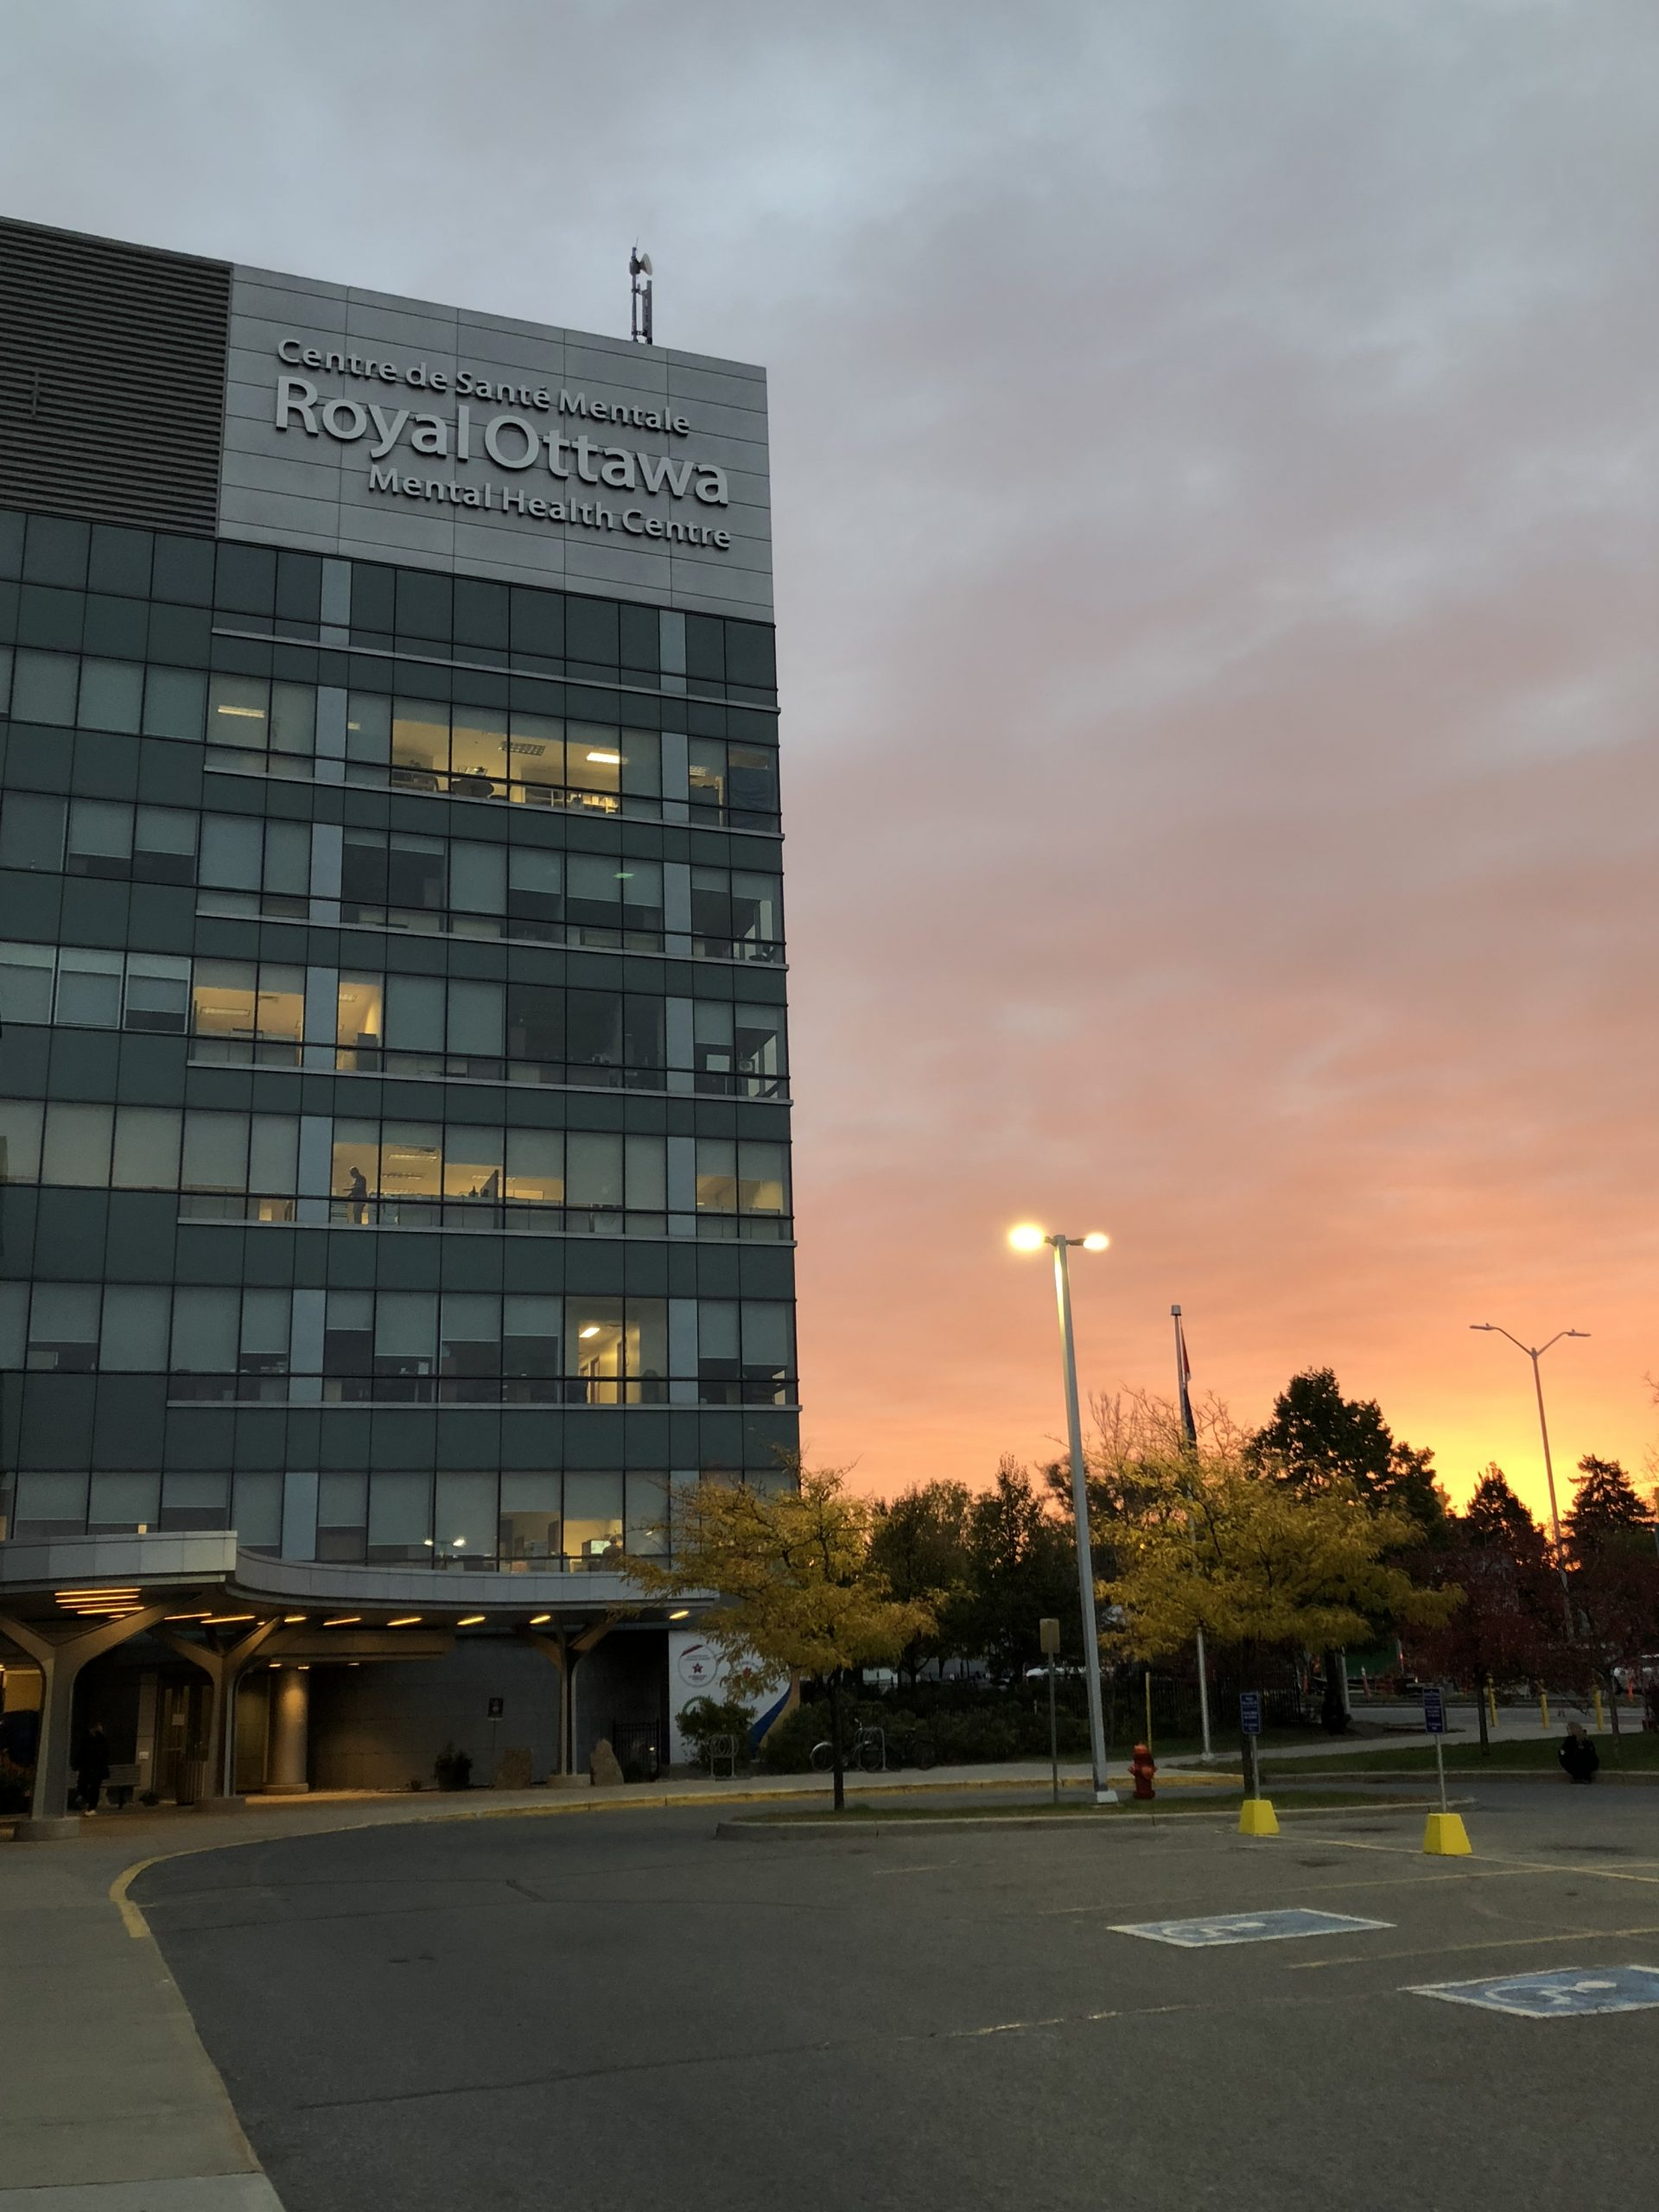 Rohal Ottawa Hospital